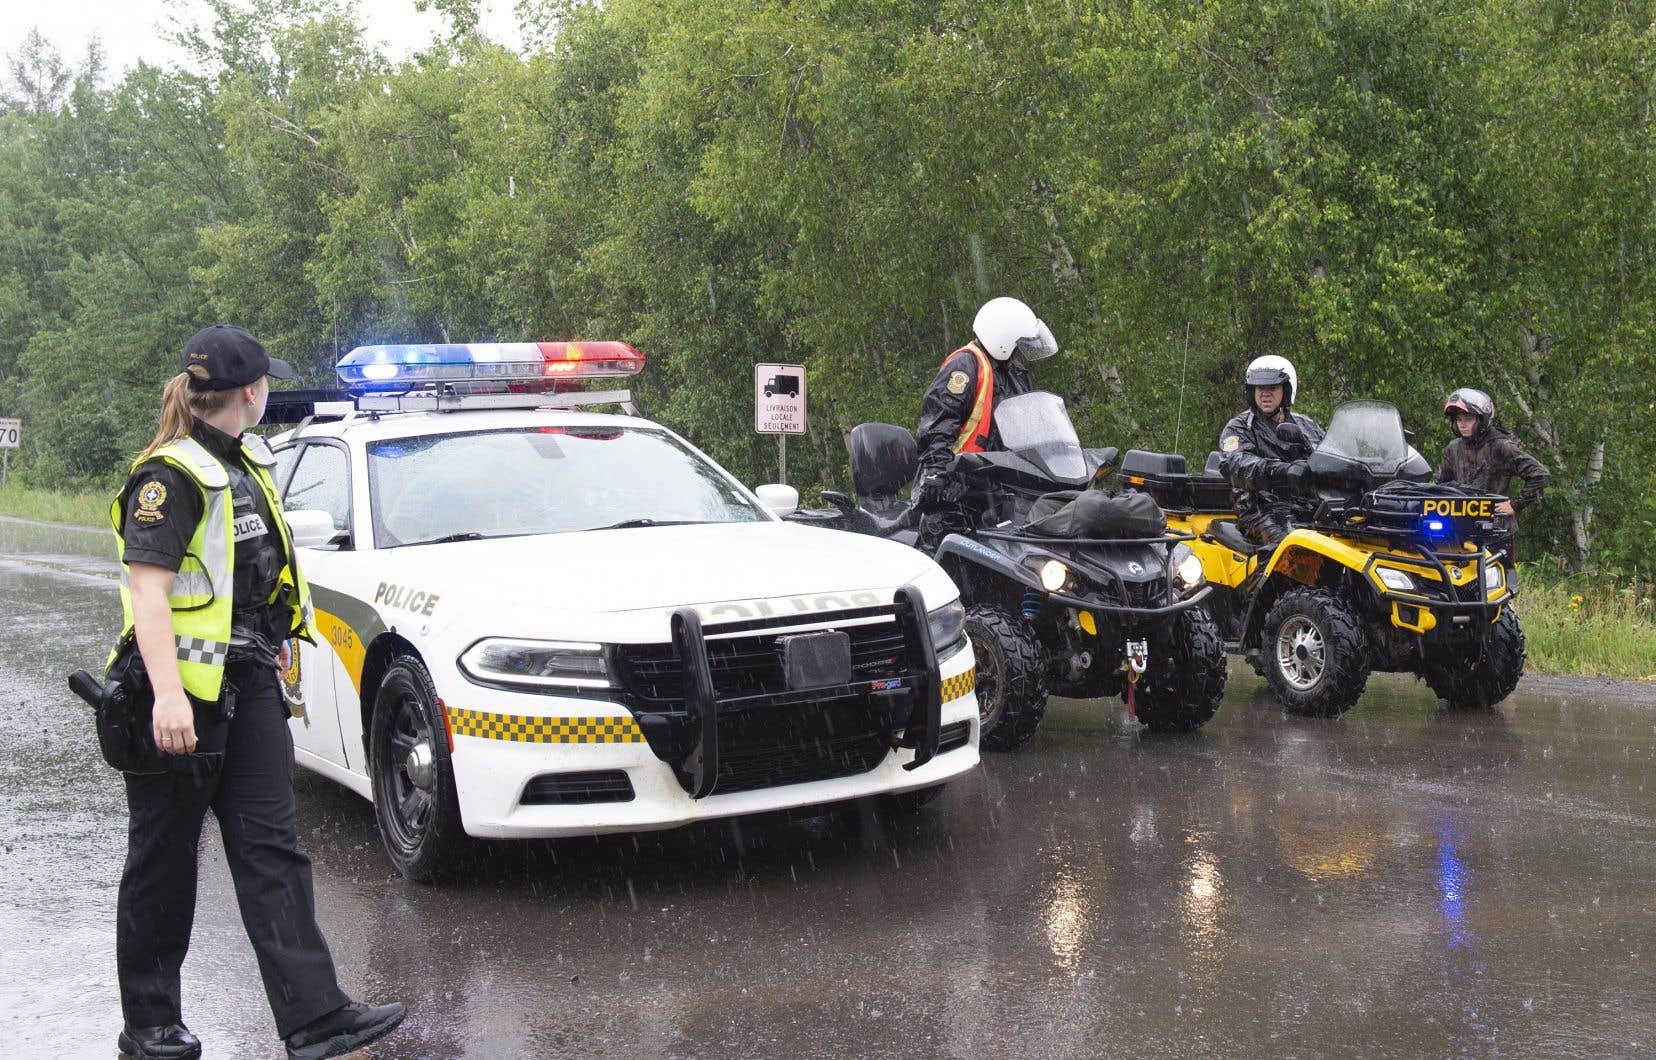 La porte-parole de la SQ Hélène St-Pierre avait indiqué qu'en plus de faire des recherches au sol et dans les airs, les policiers ont utilisé des haut-parleurs, samedi, pour tenter de communiquer avec le suspect.